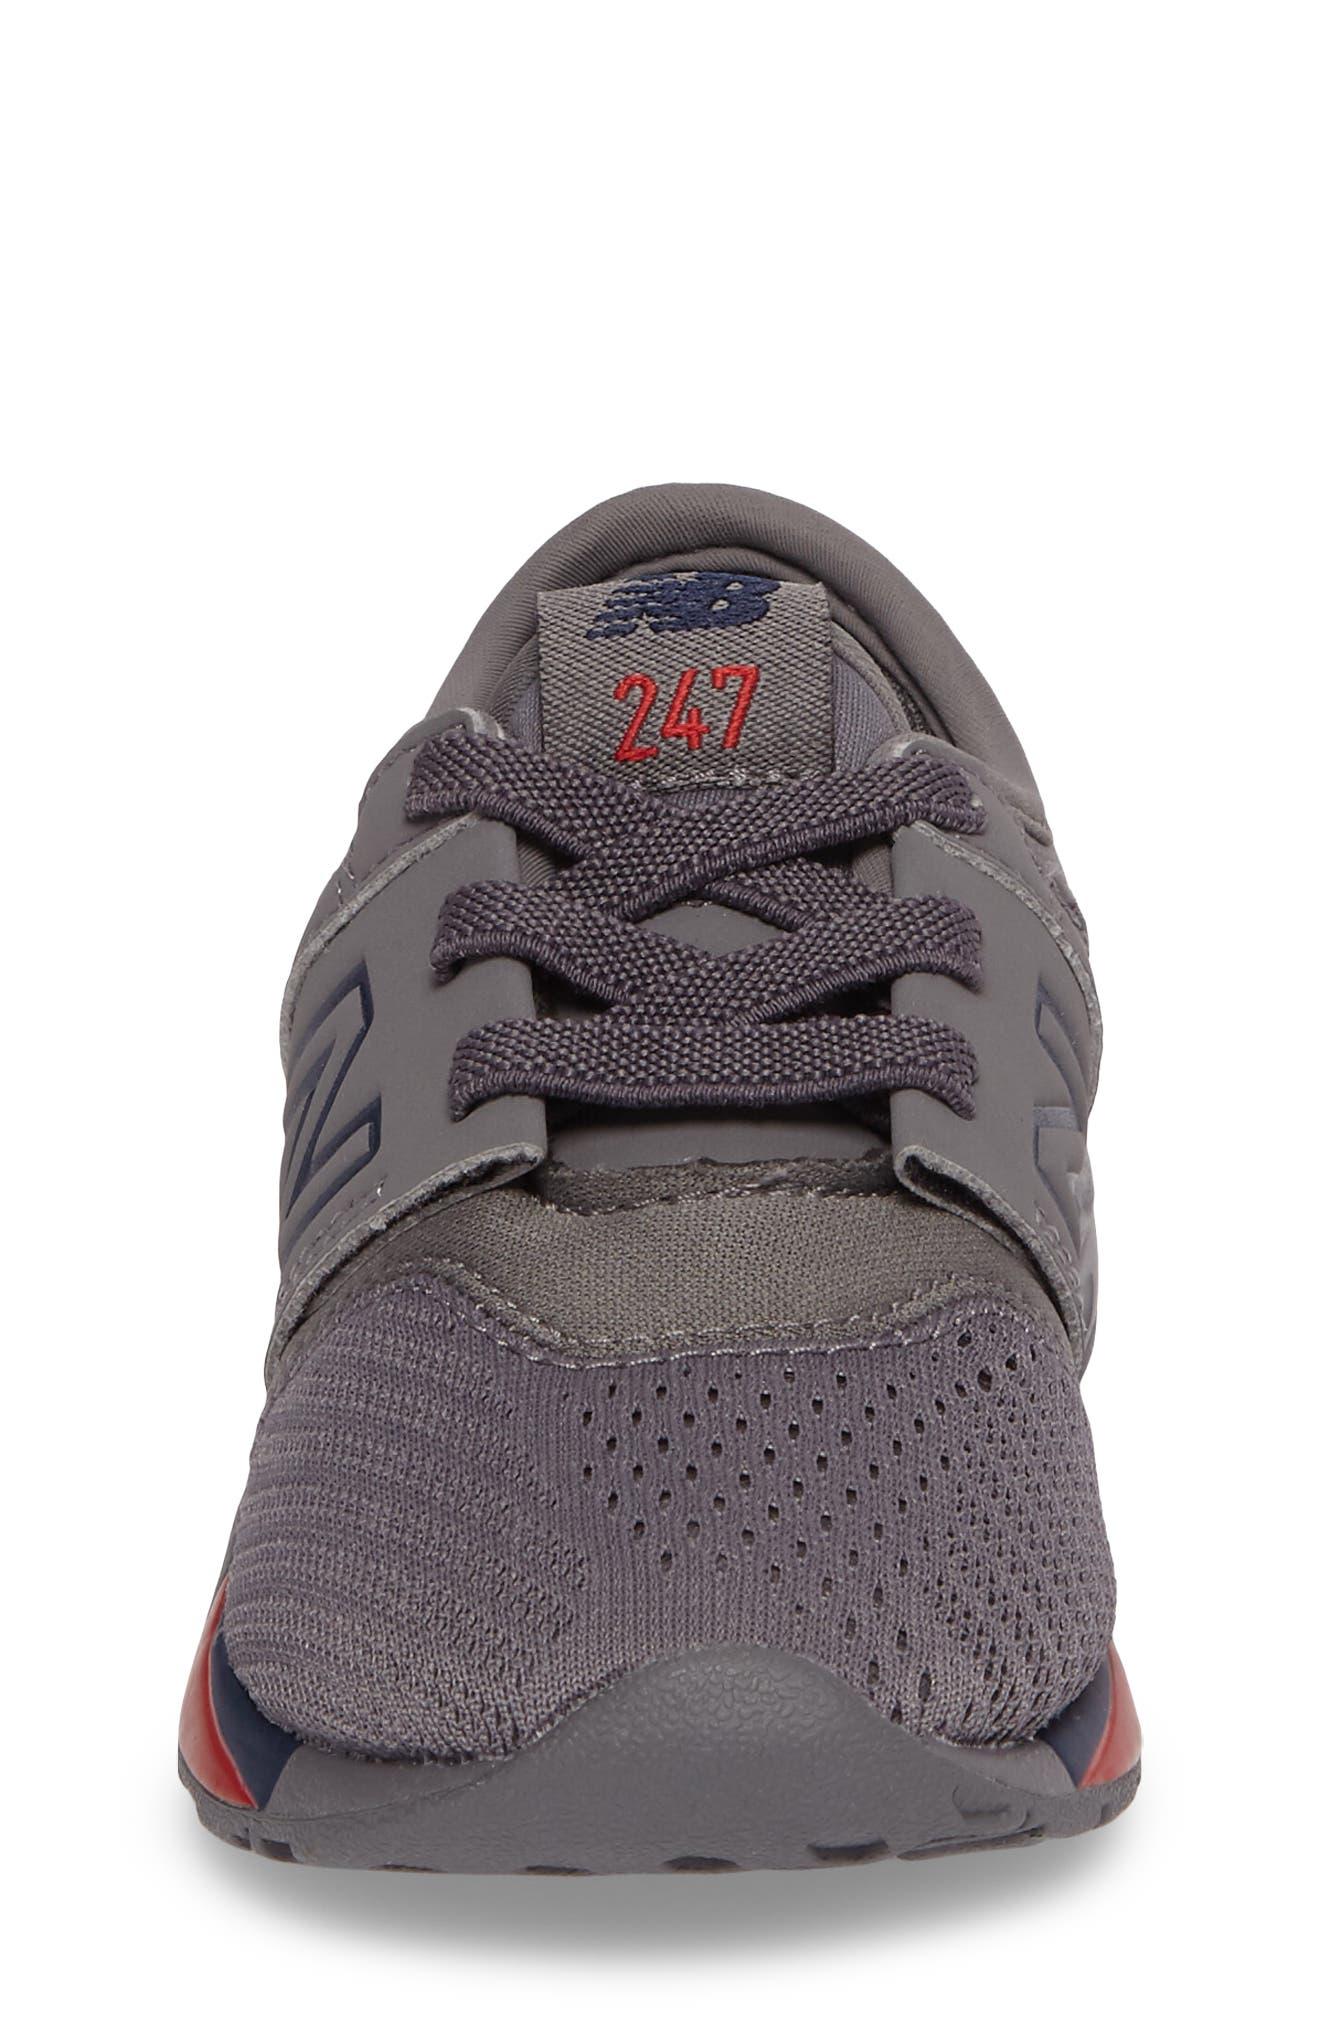 247 Sport Sneaker,                             Alternate thumbnail 4, color,                             039